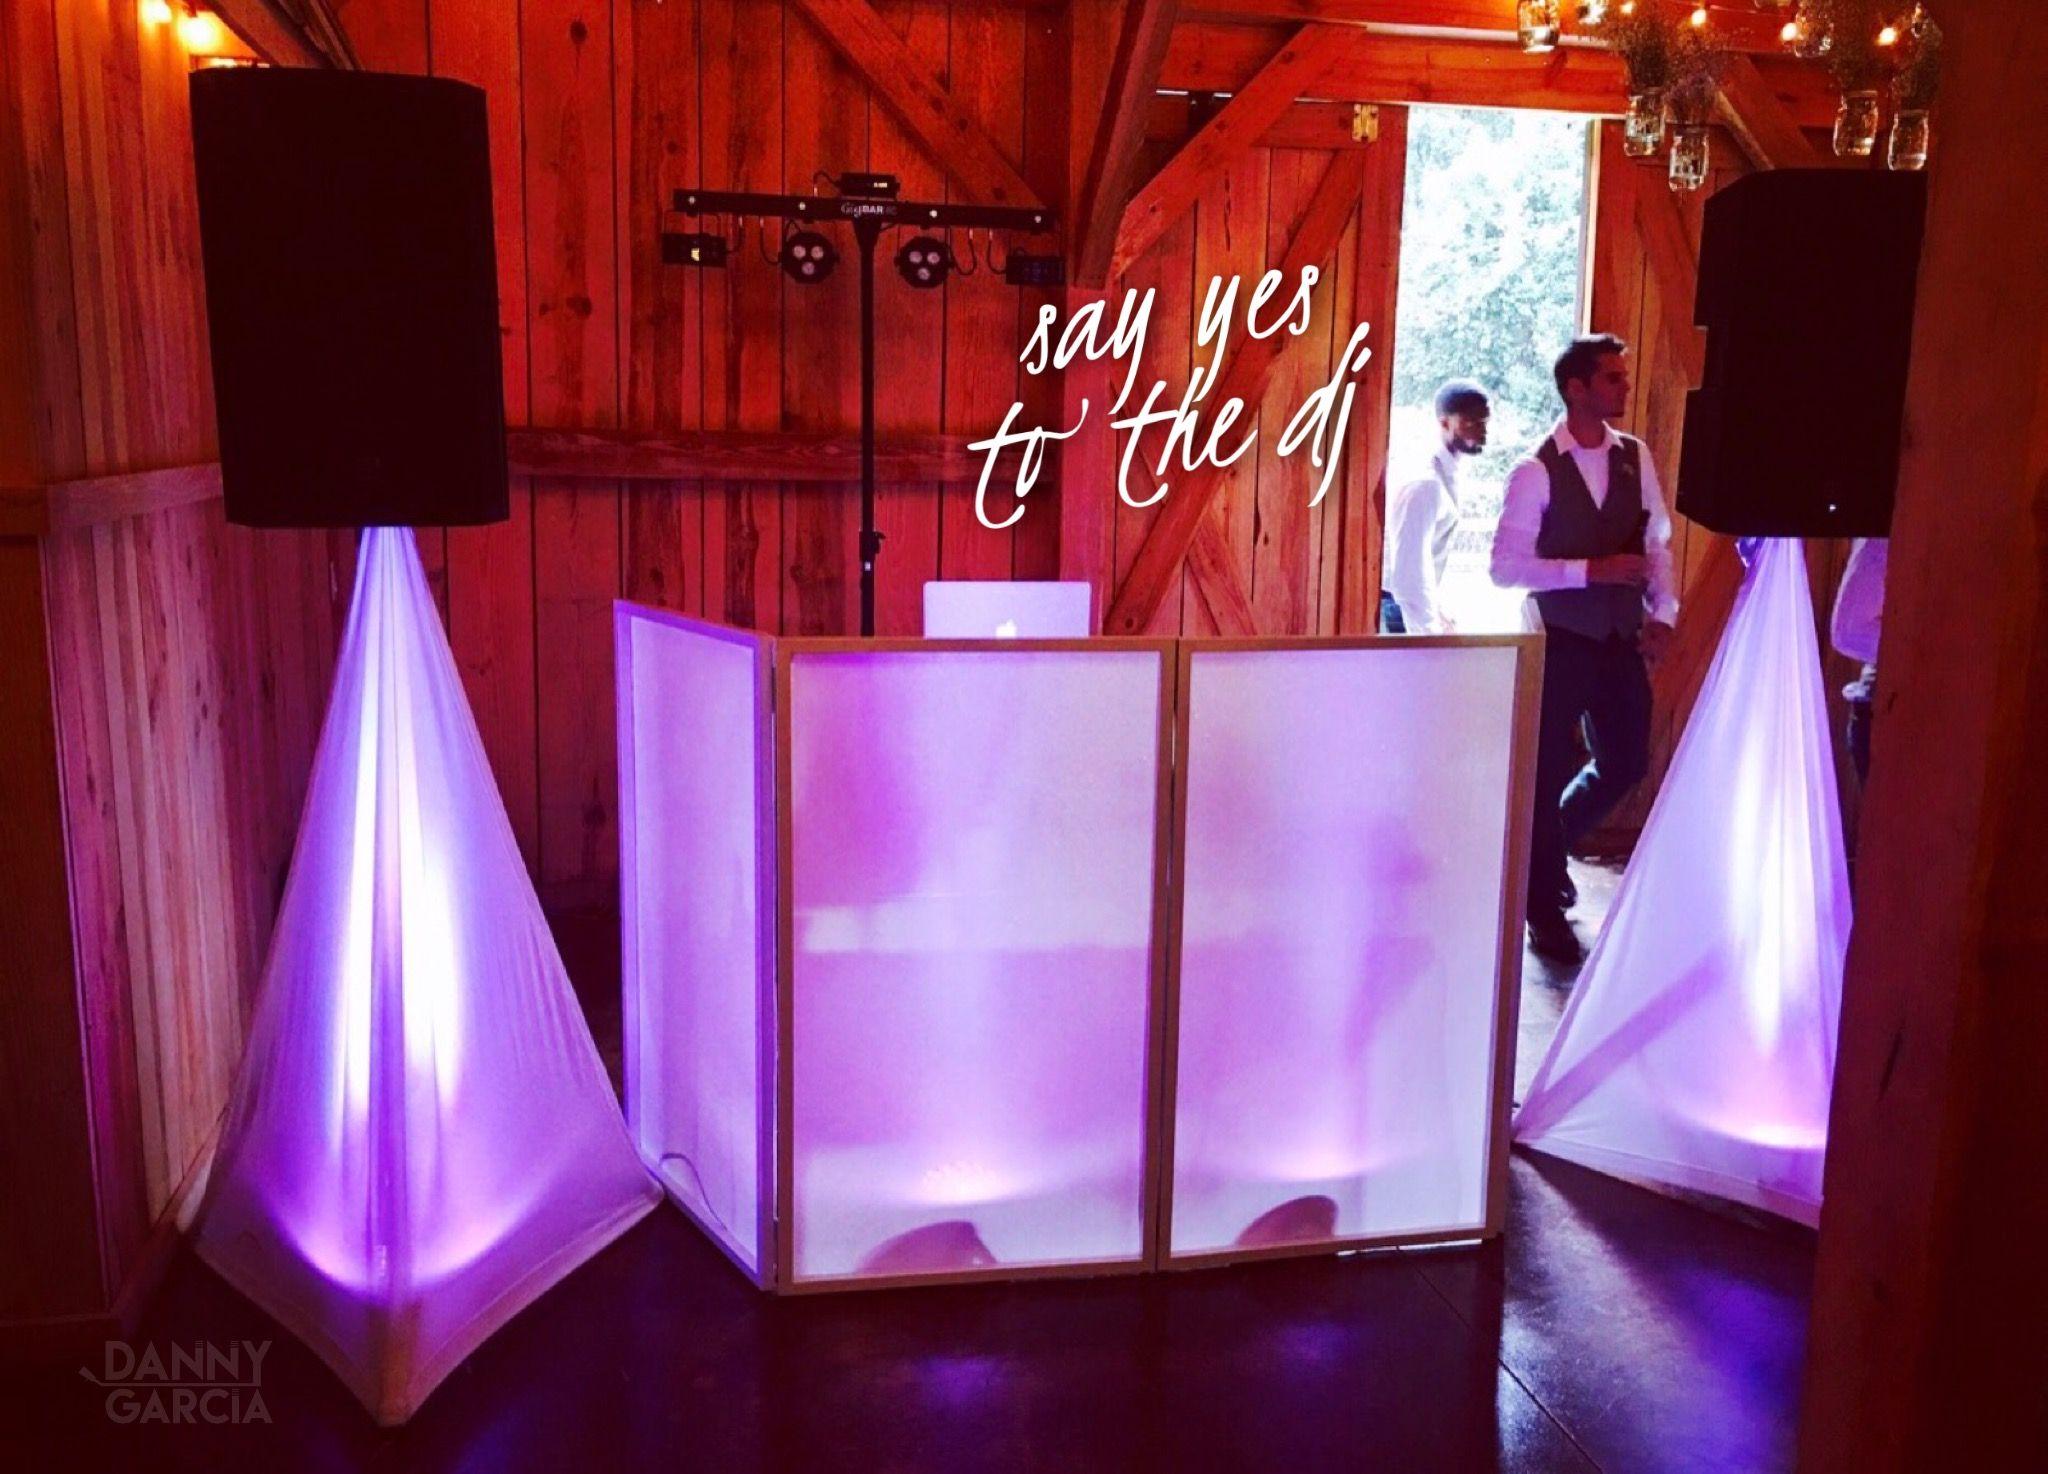 Dj Booth Setup For A Barn Wedding Www Djdannygarcia Com Wedding Dj Setup Wedding Dj Booth Dj Setup